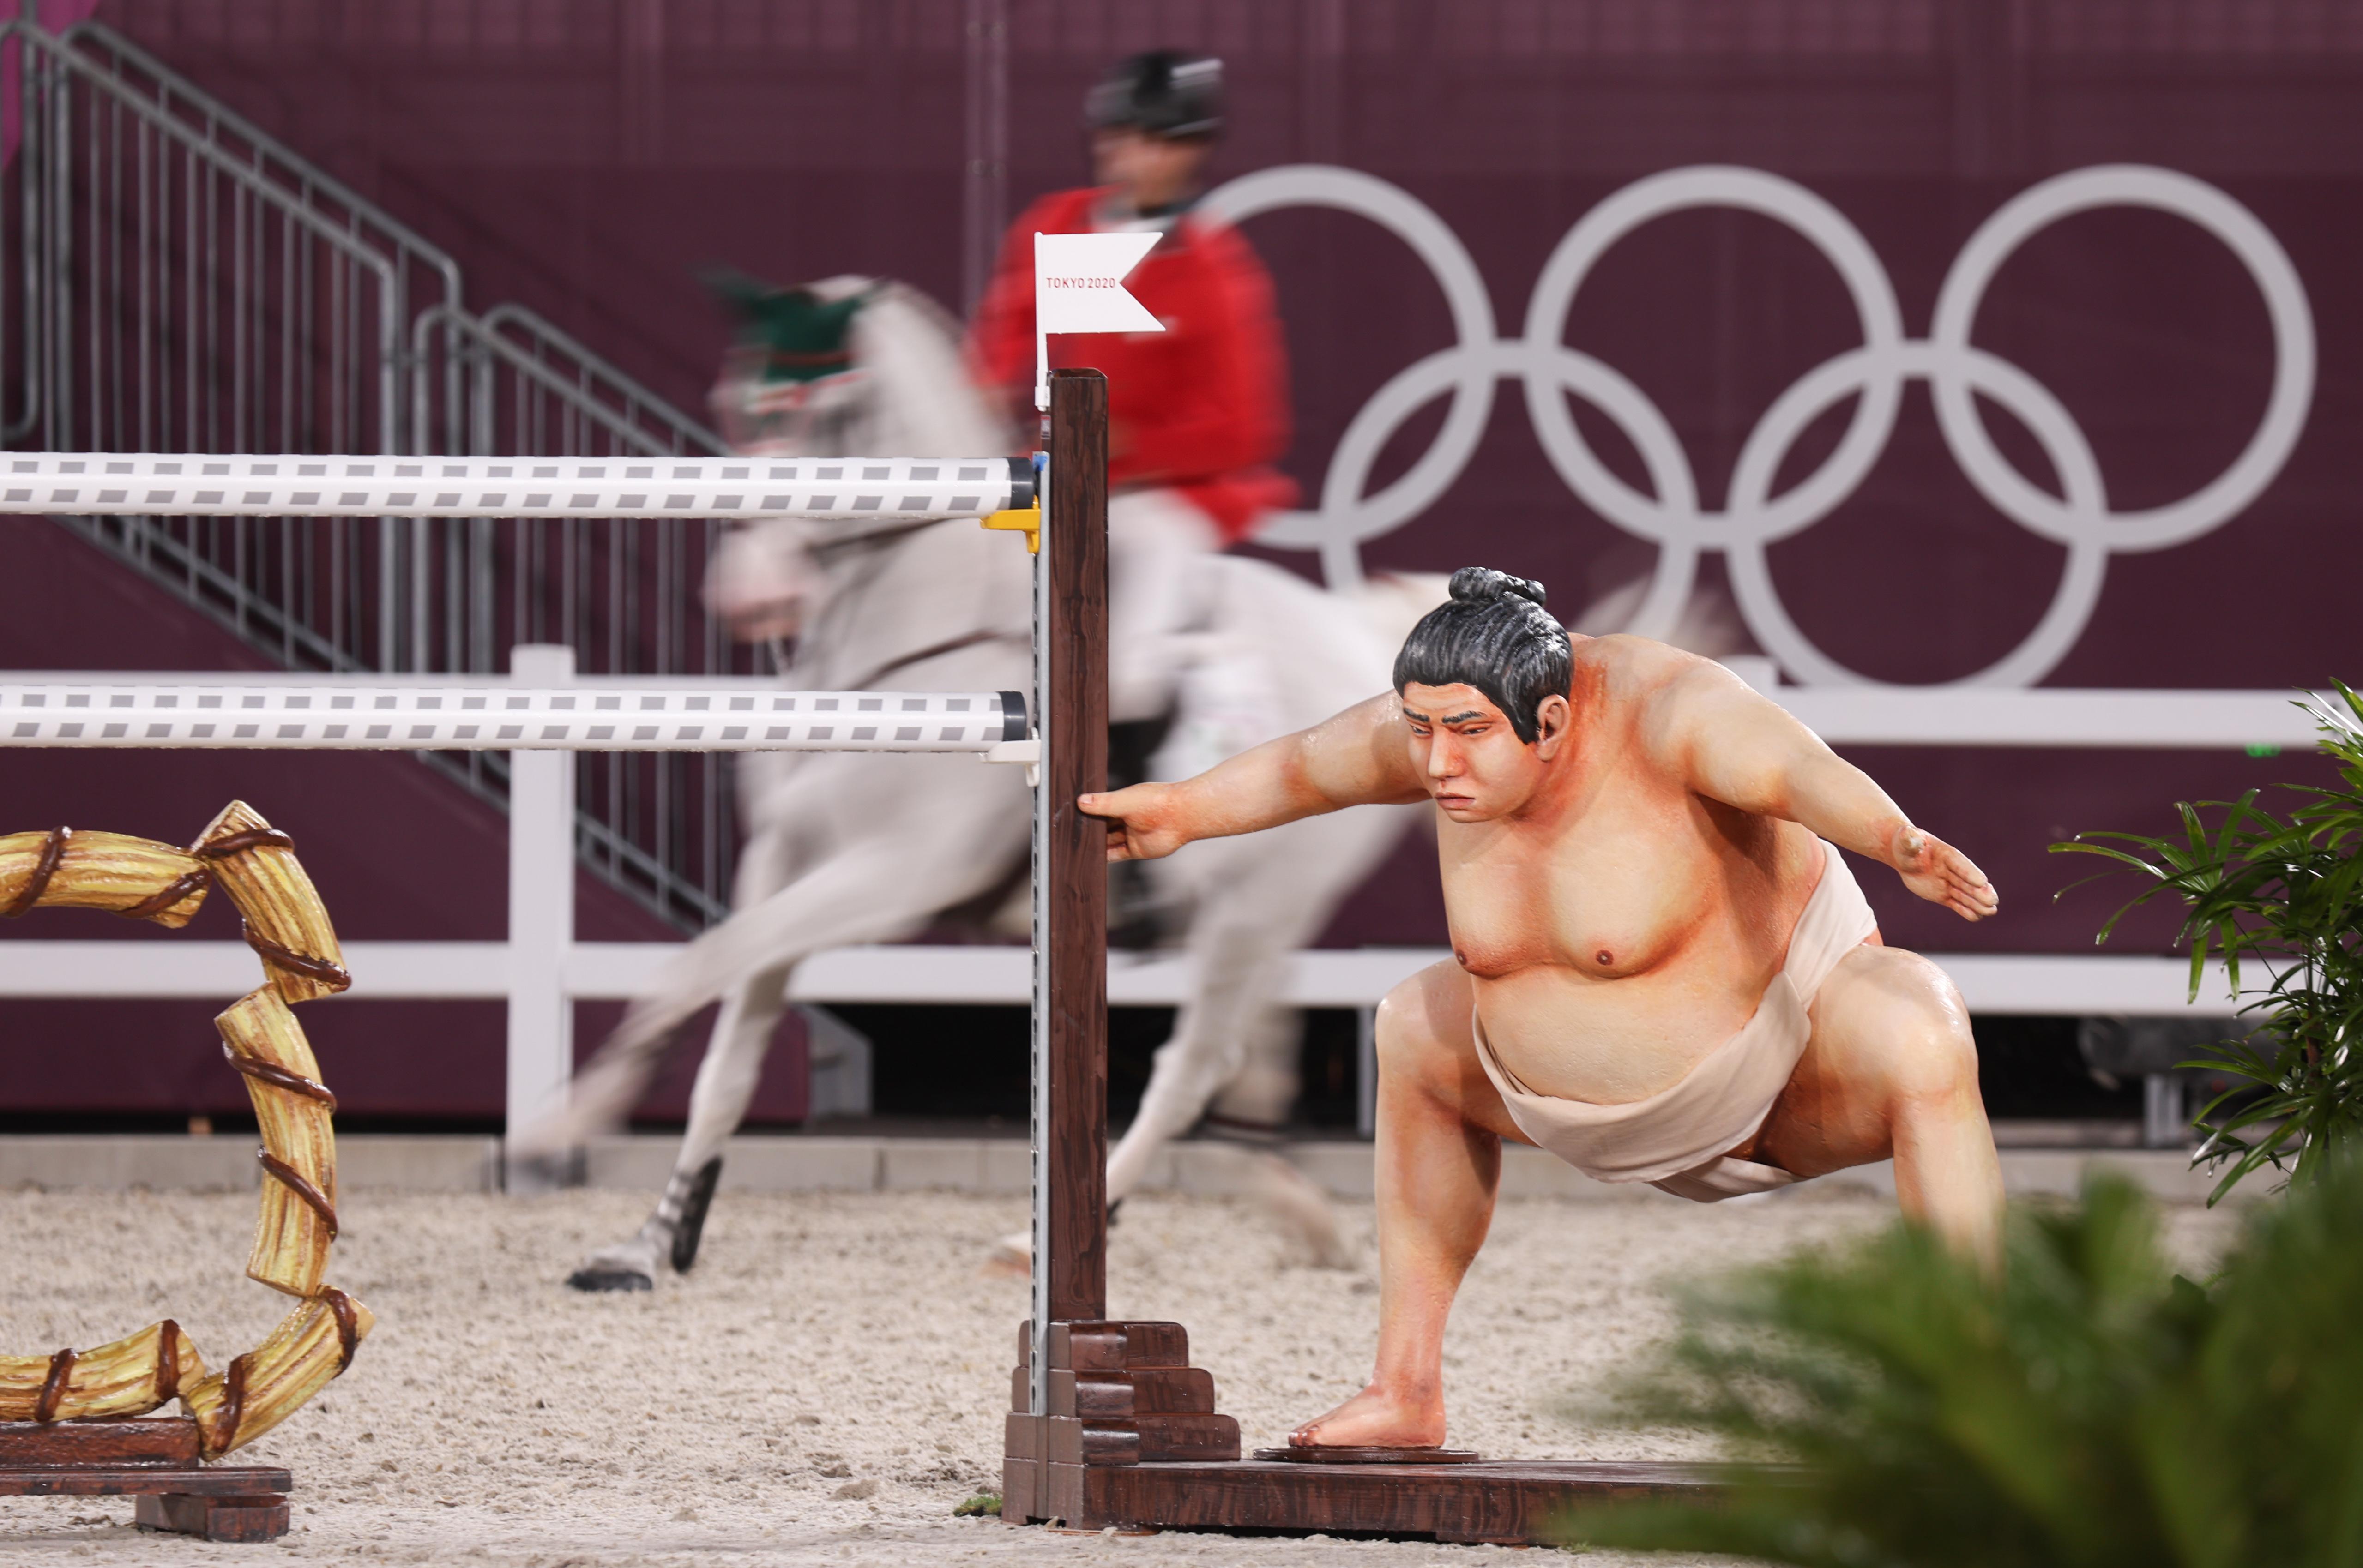 Tokyo 2020 - Equestrian Sport/Jumping